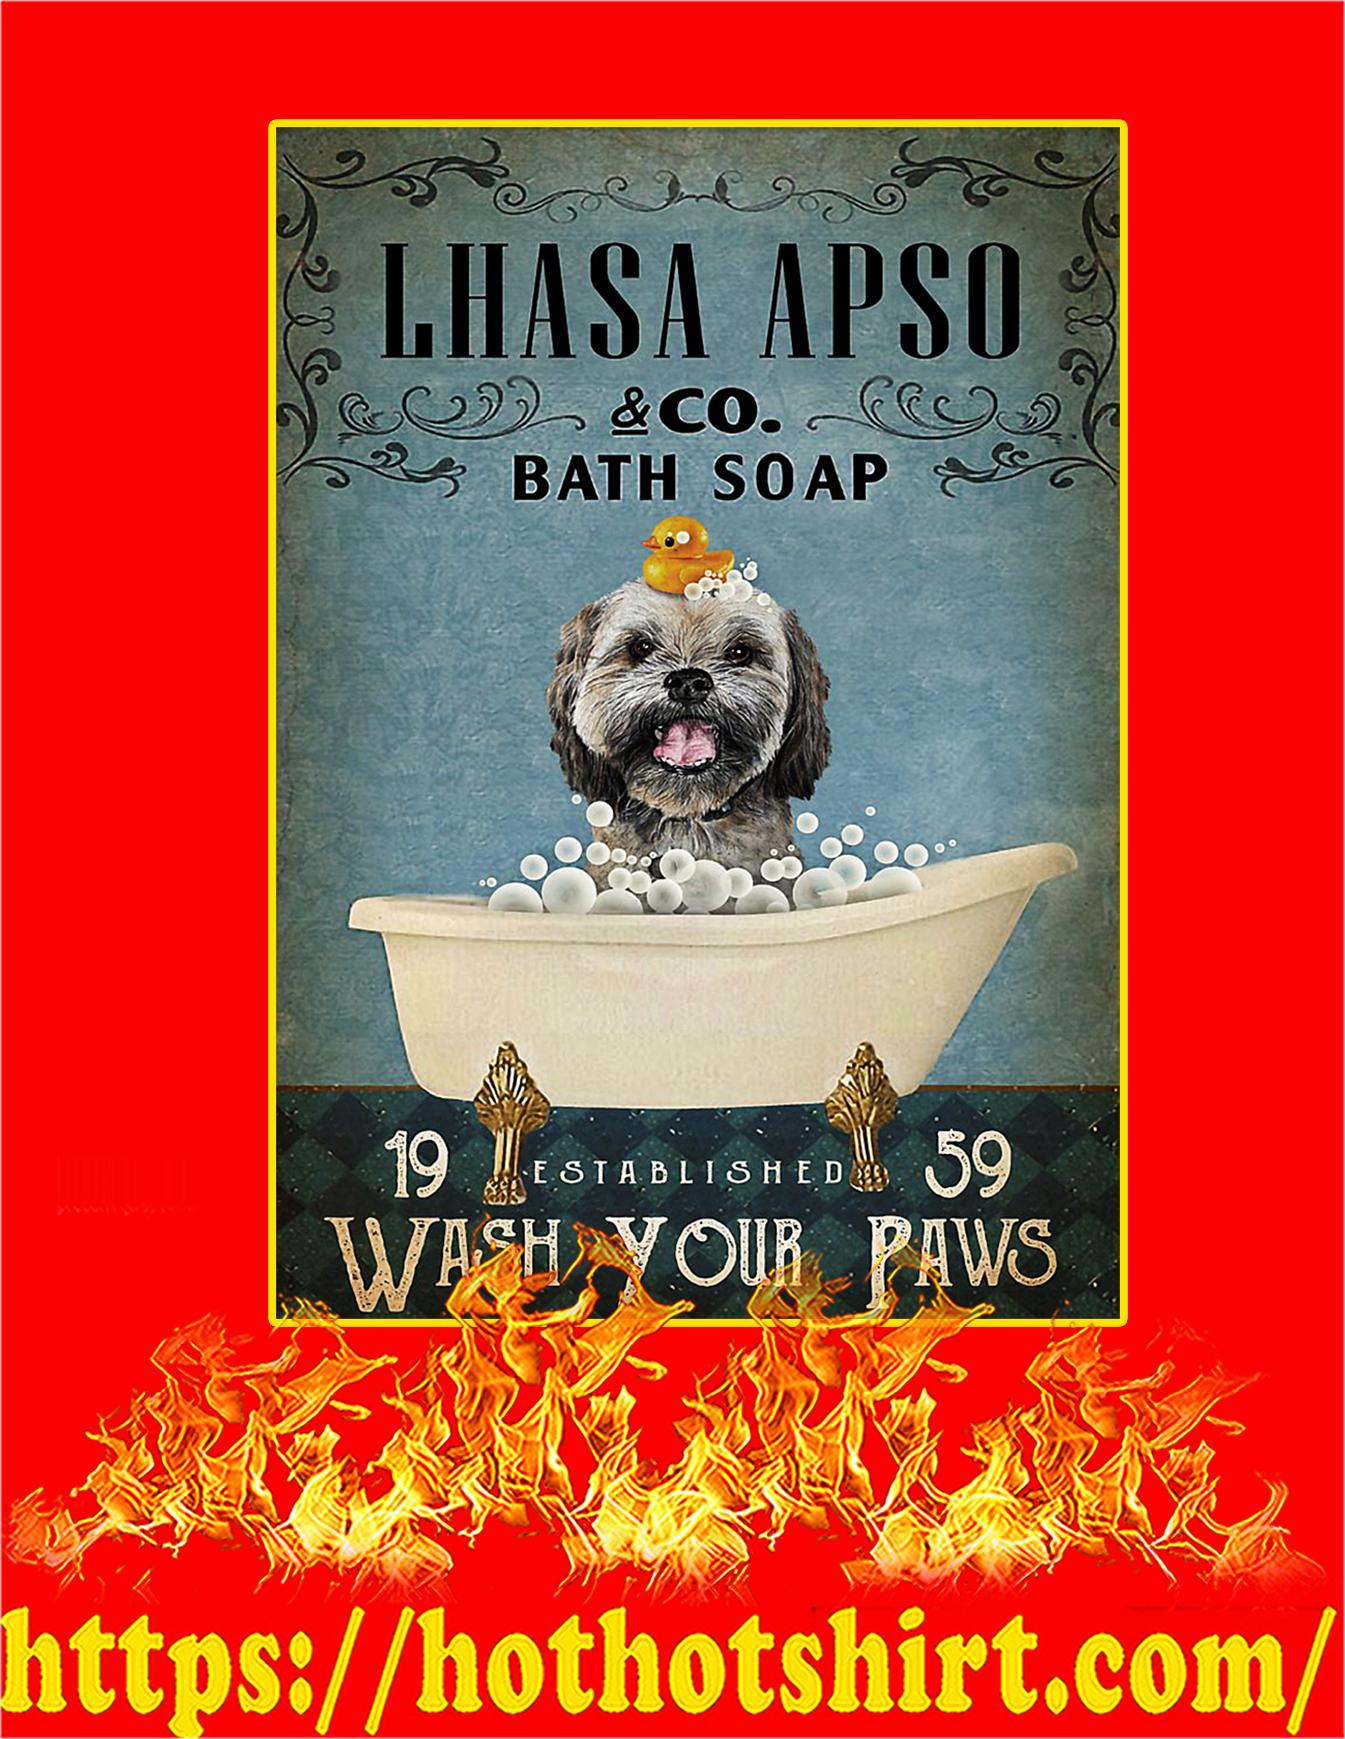 Vintage Bath Soap Lhasa Apso Poster - A4